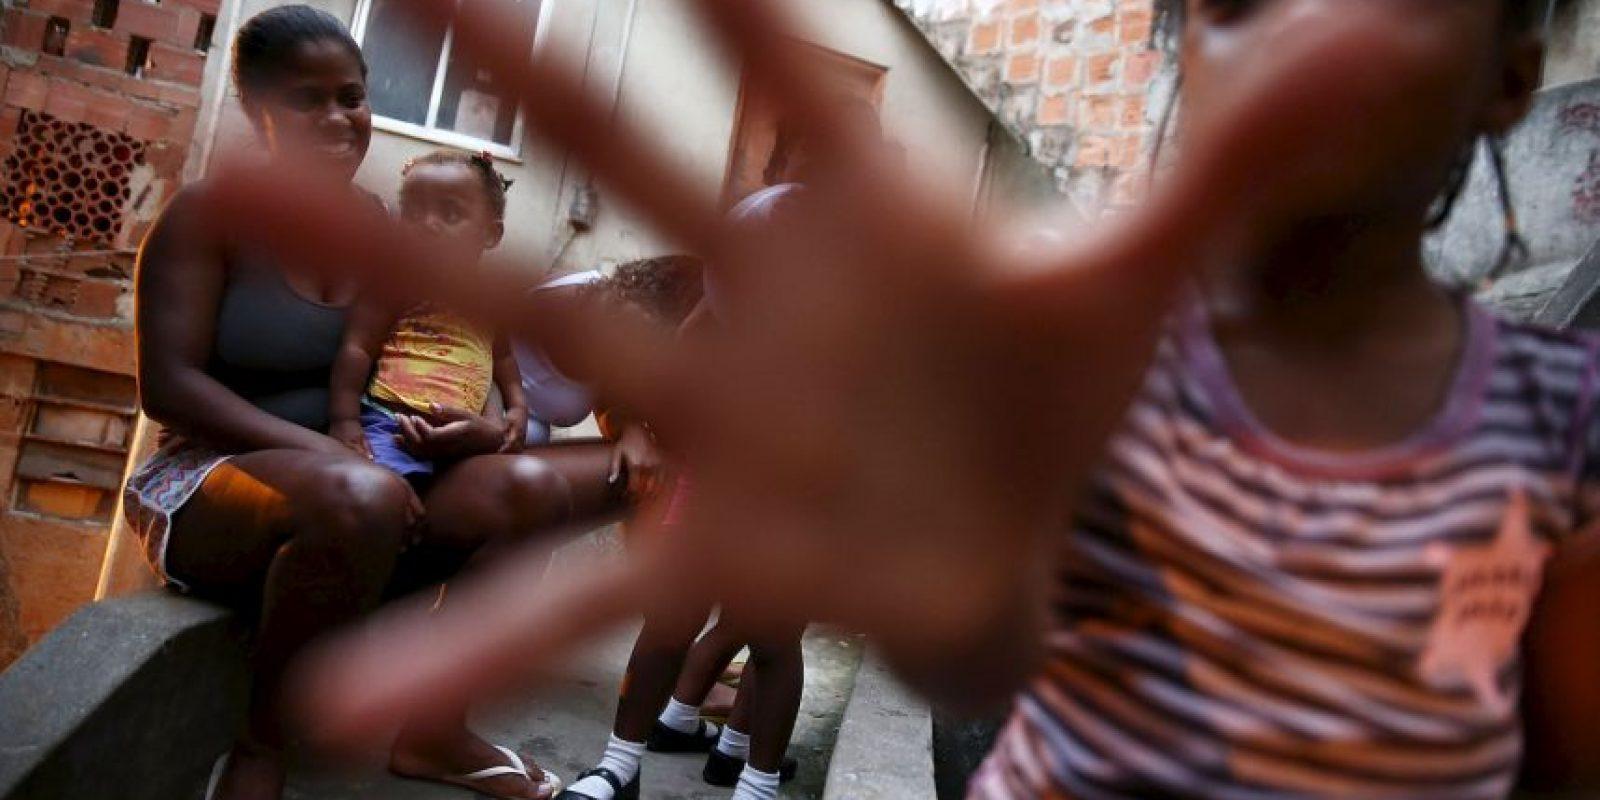 Aún así, constituye uno de los problemas más graves que actualmente afectan a la infancia. Foto:Getty Images